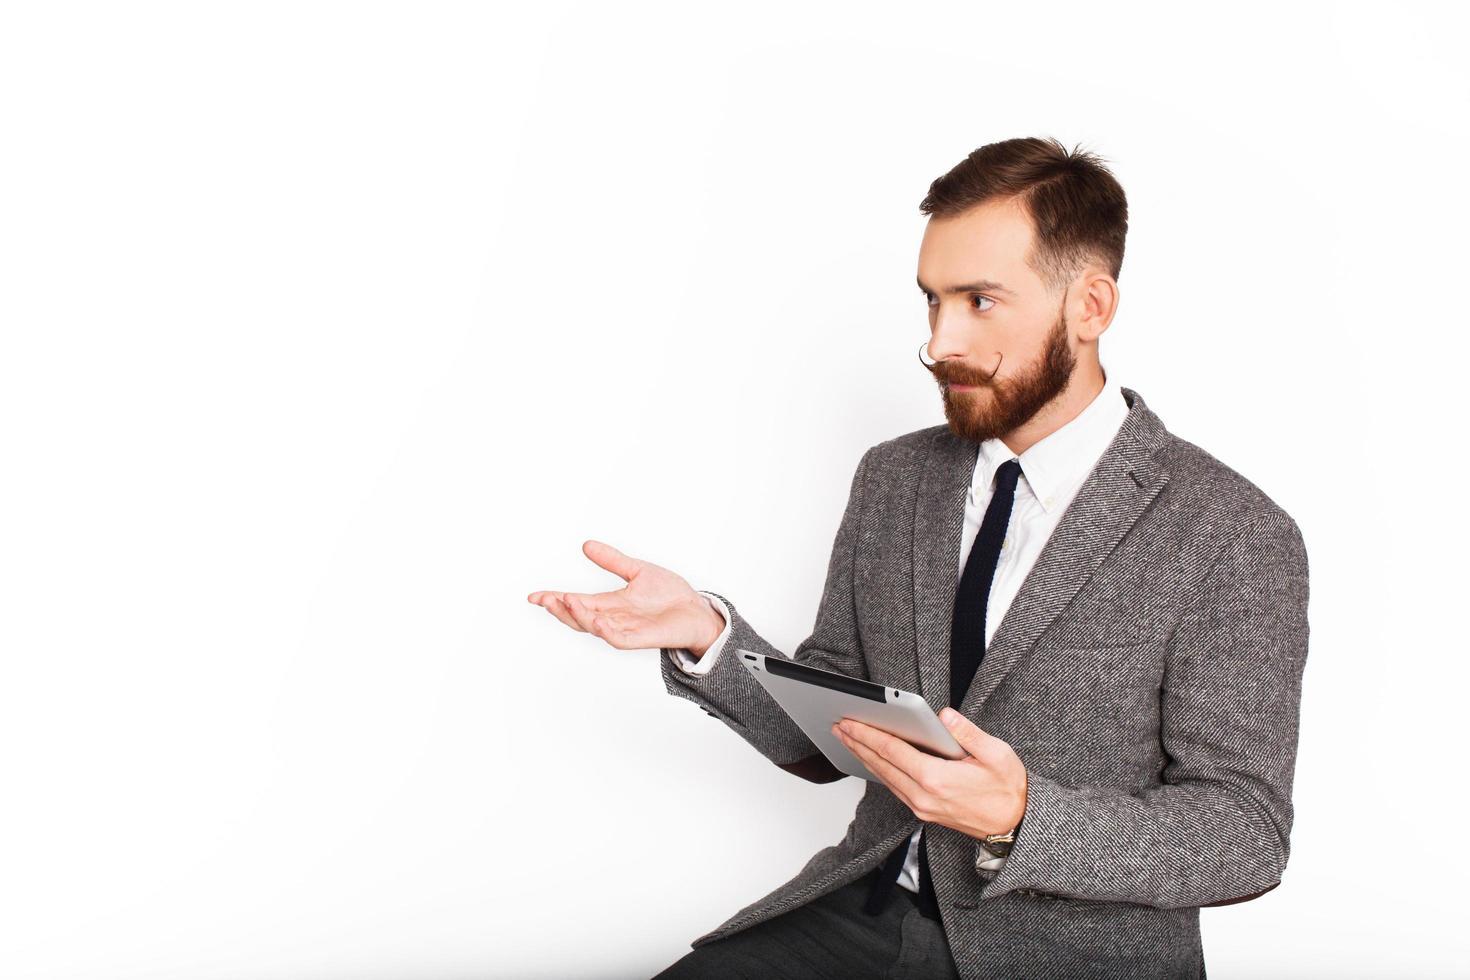 homme sérieux en costume gris gesticulant tout en tenant une tablette photo